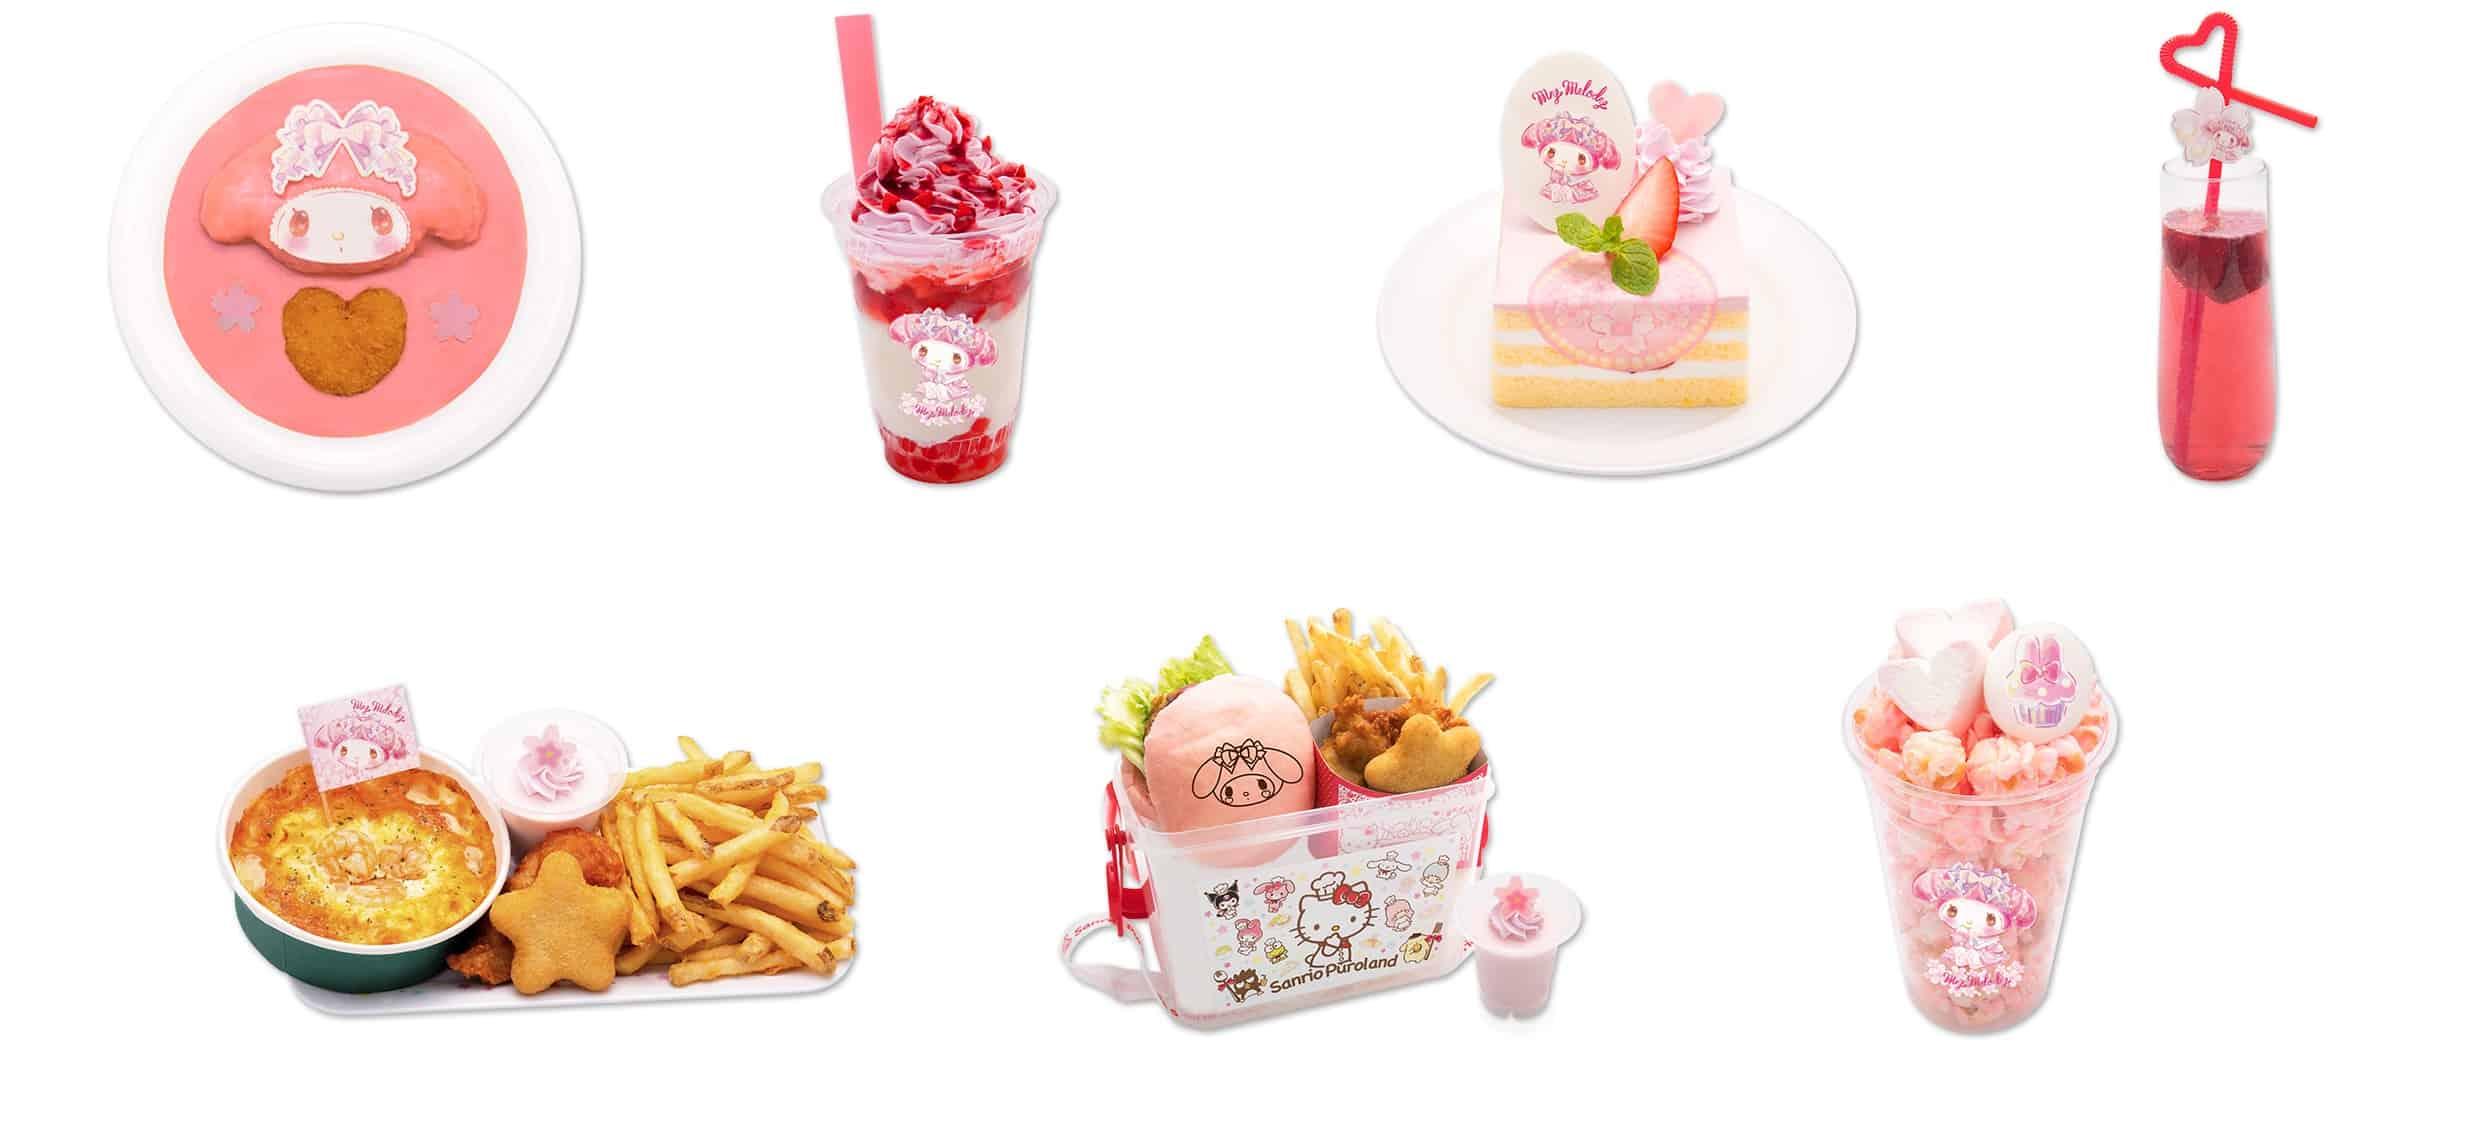 อาหารและเครื่องดื่มภายในงาน My Melody 45th Anniversary Fair ที่ Sanrio Puroland